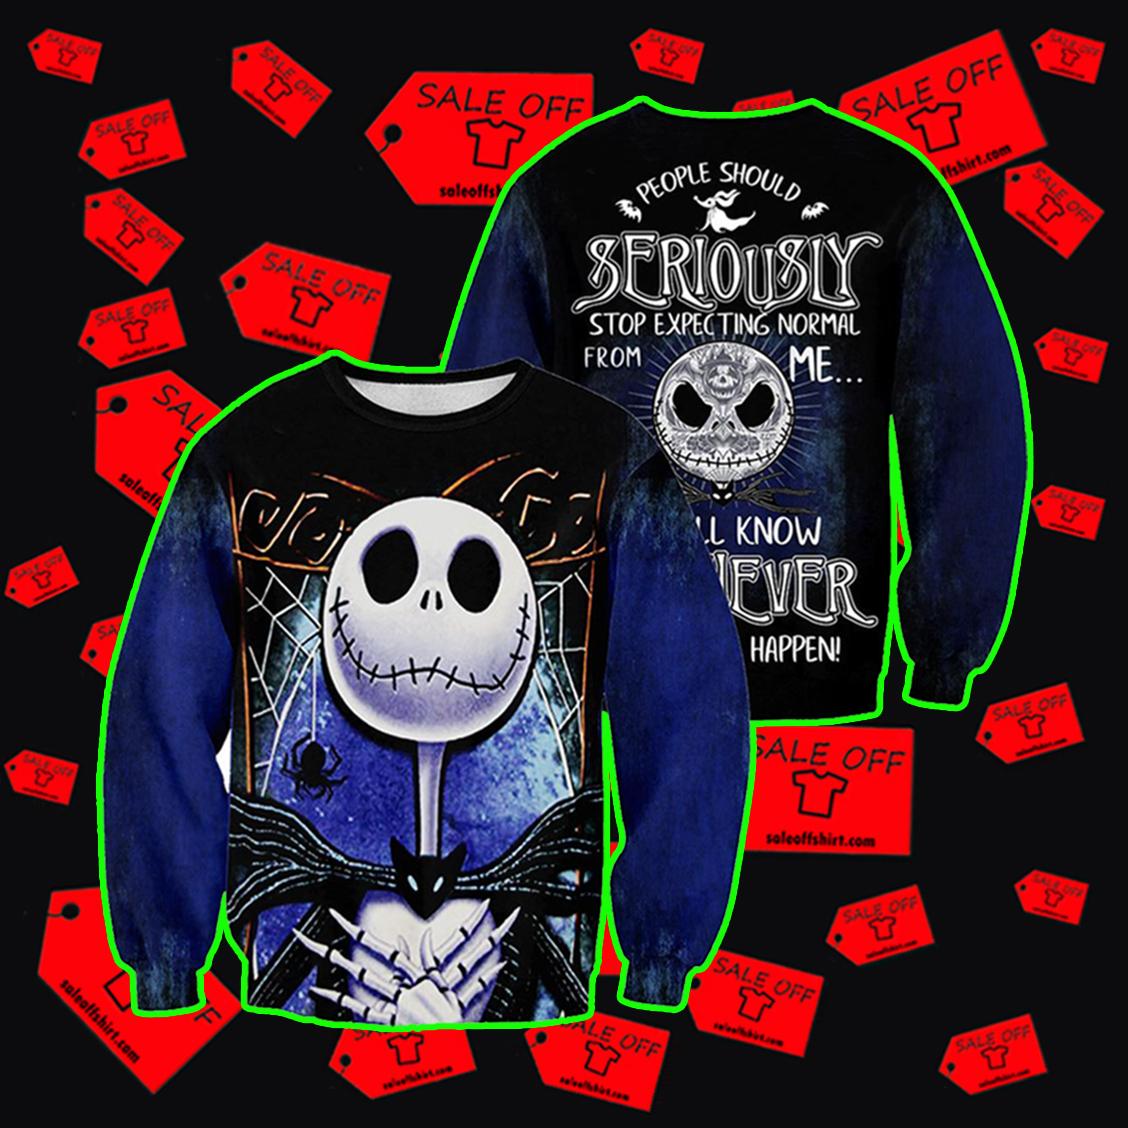 Jack Skellington People Should Seriously Hoodie 3D, T-shirt 3D, Sweatshirt 3D - Sweatshirt 3D